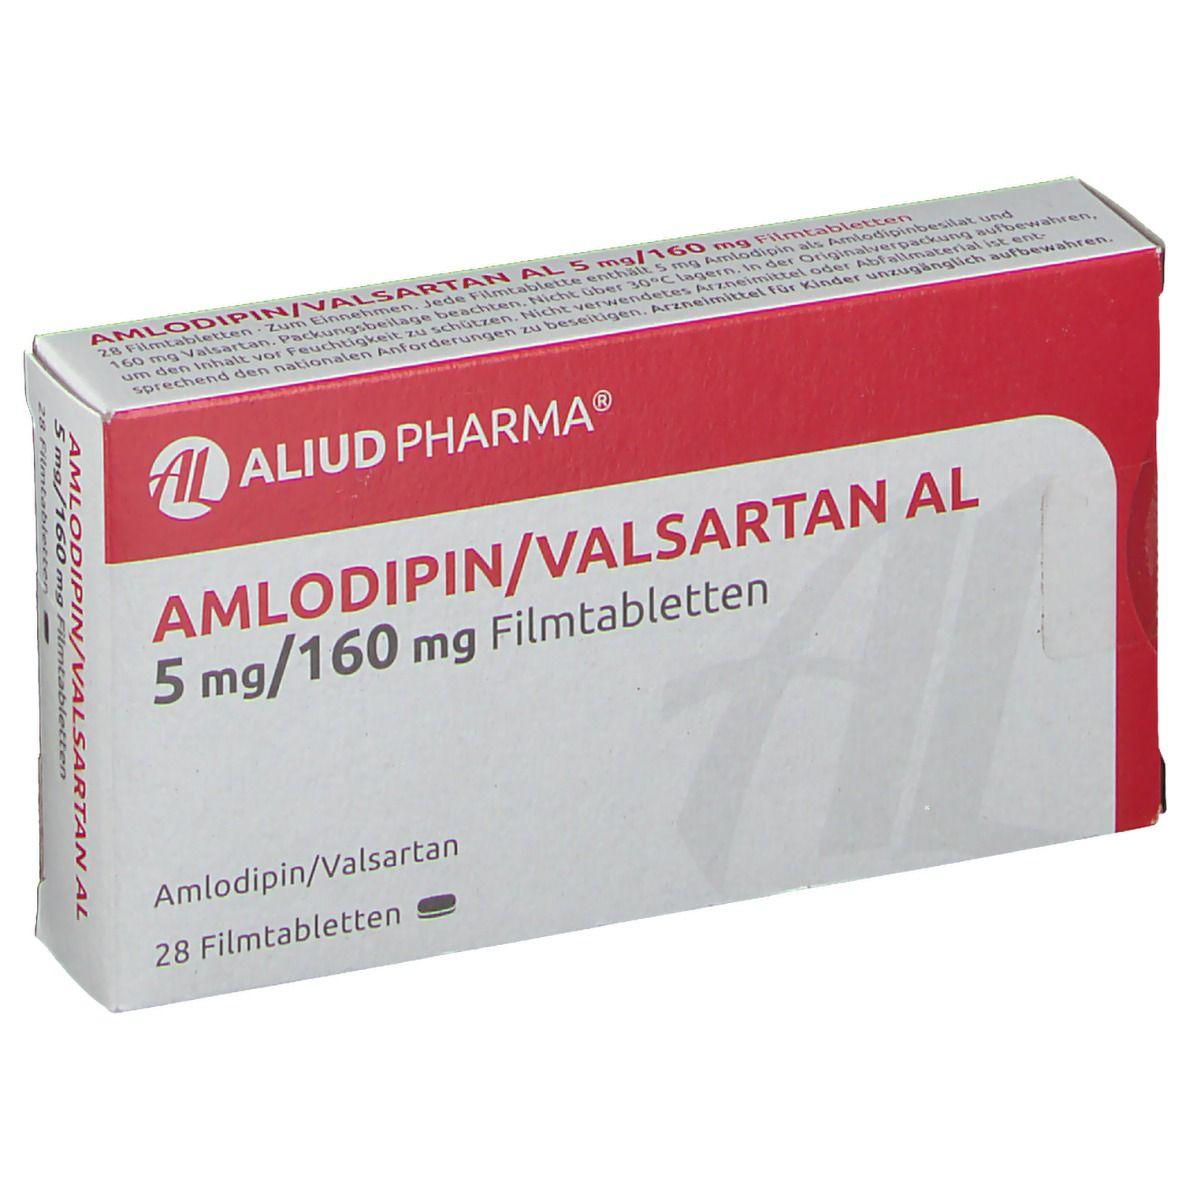 AMLODIPIN/Valsartan AL 5 mg/160 mg Filmtabletten